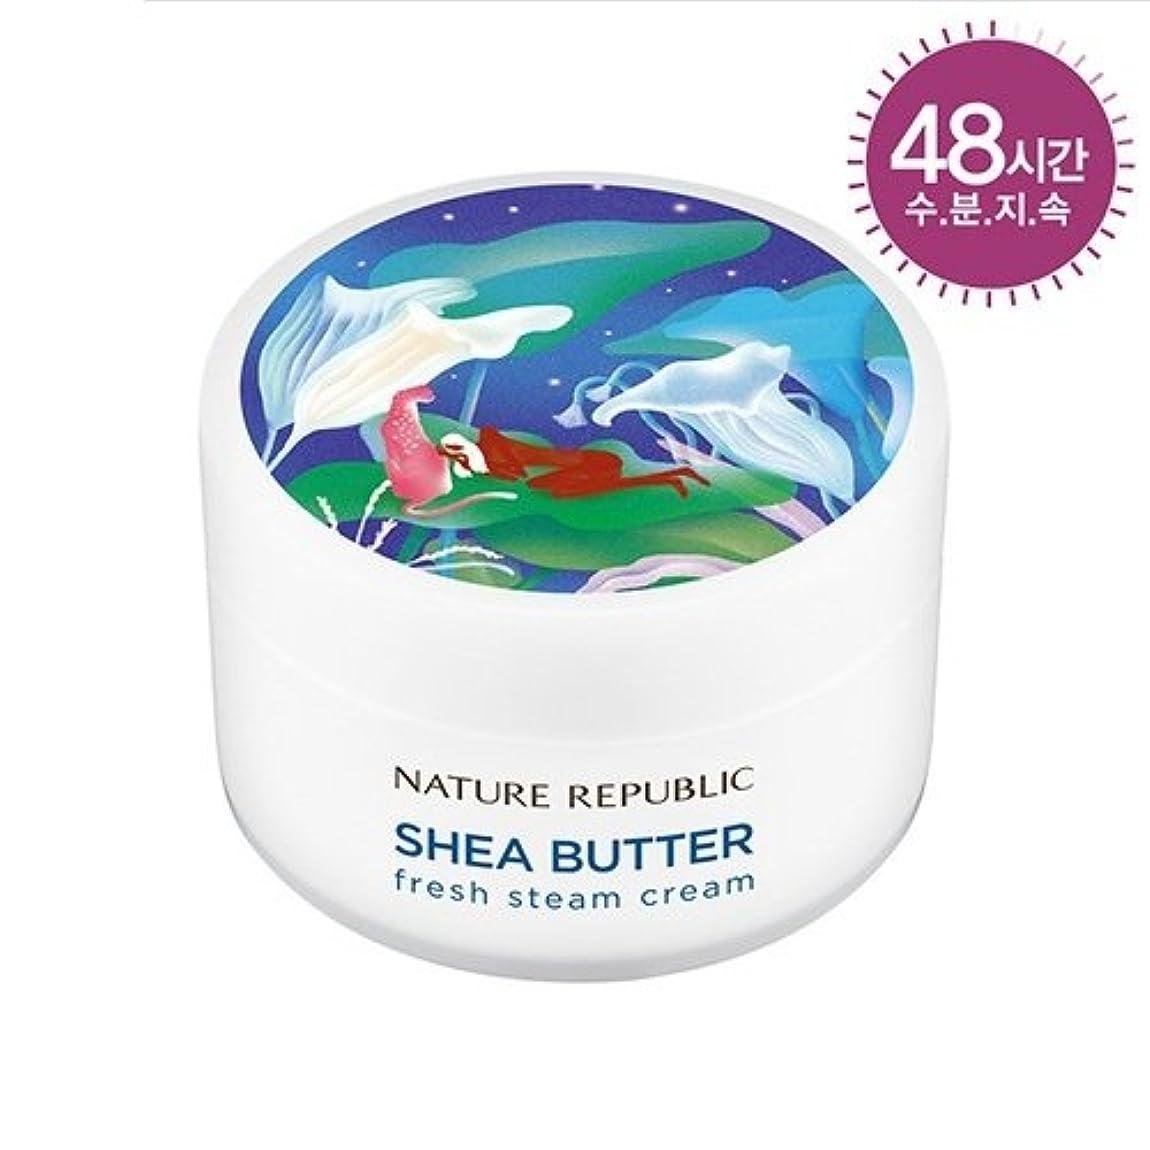 姓冷凍庫愛するNATURE REPUBLIC(ネイチャーリパブリック) SHEA BUTTER STEAM CREAM シアバター スチーム クリーム #フレッシュスオイリー肌